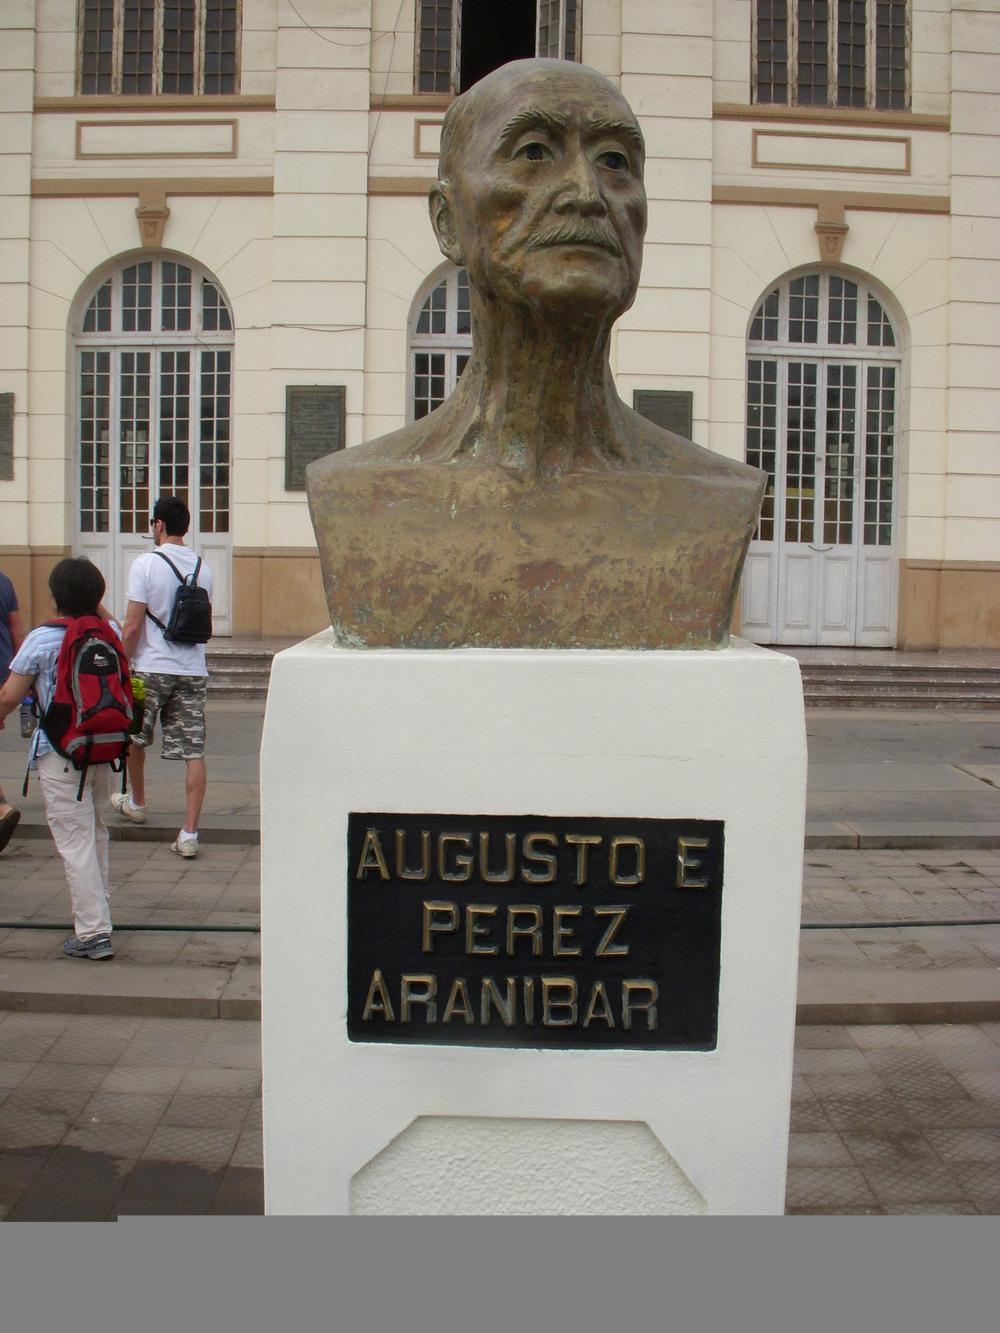 A statue commemorating Abusto E. Perez Aranibar, Creator of the PPA